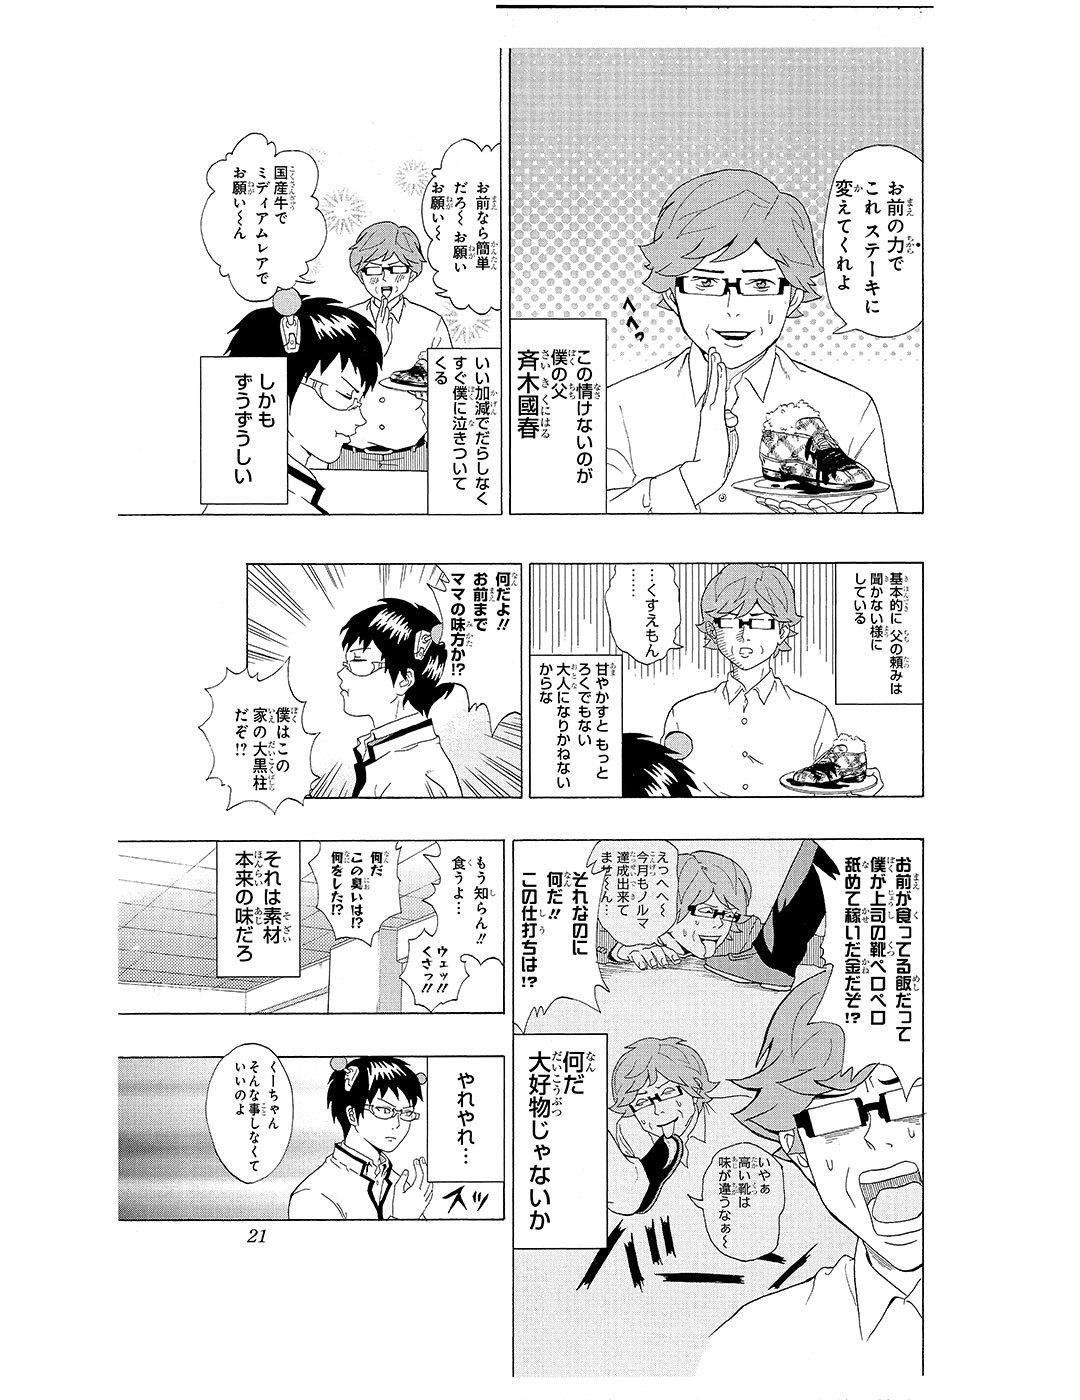 斉木楠雄のΨ難 第1話|試し読み_1_1-17